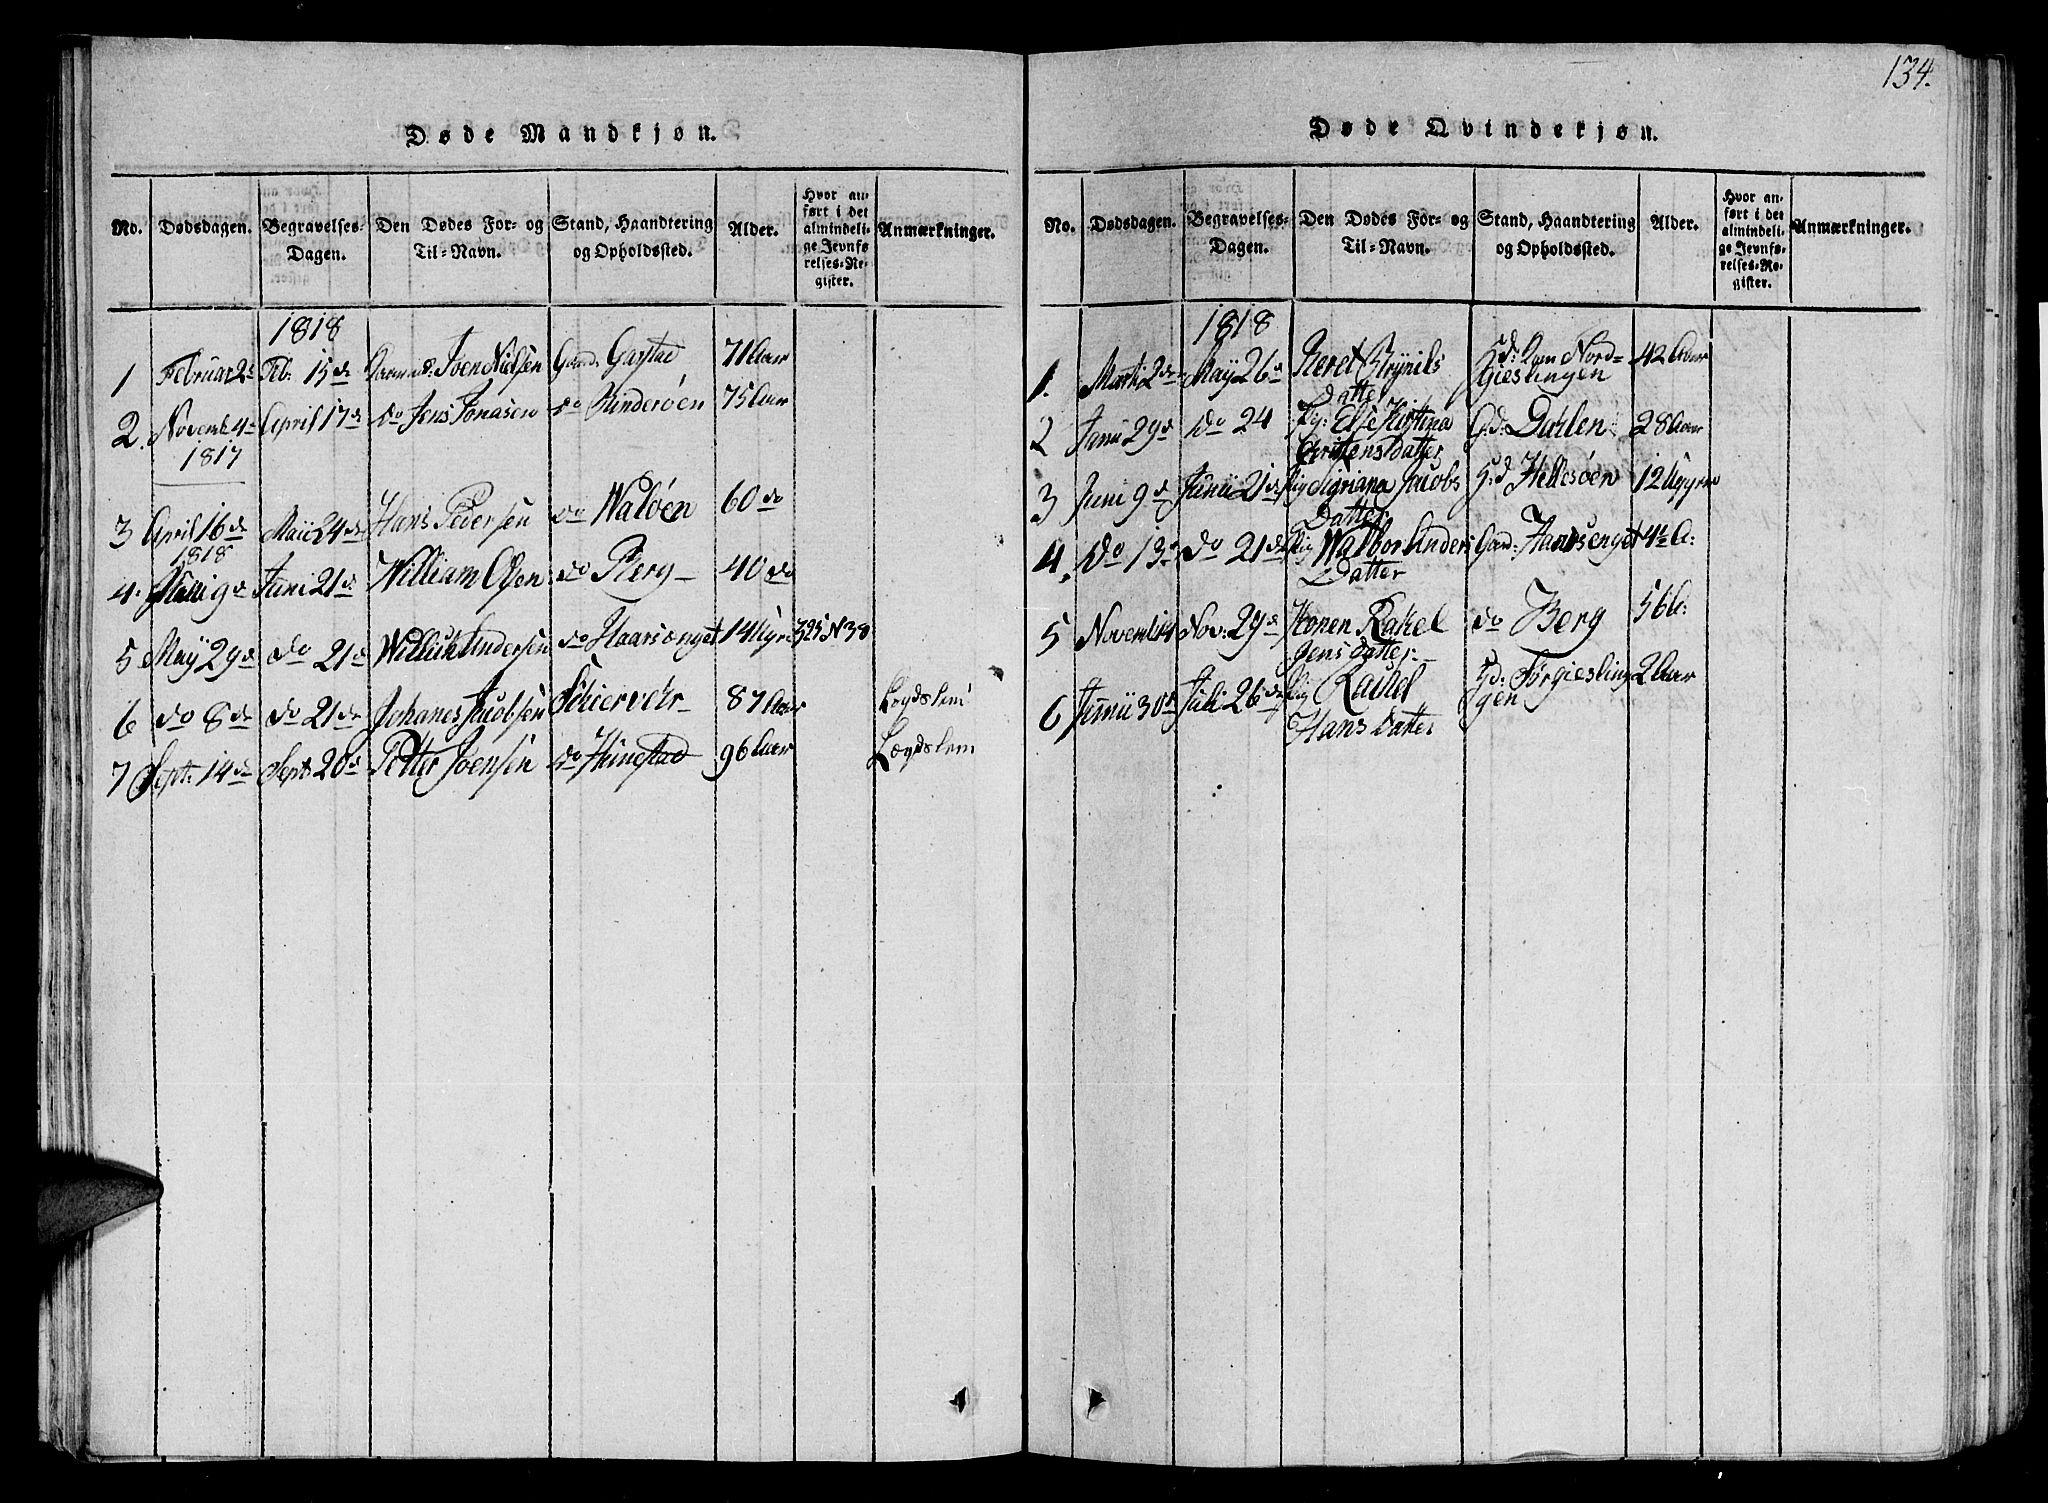 SAT, Ministerialprotokoller, klokkerbøker og fødselsregistre - Nord-Trøndelag, 784/L0679: Klokkerbok nr. 784C01 /2, 1818-1822, s. 134